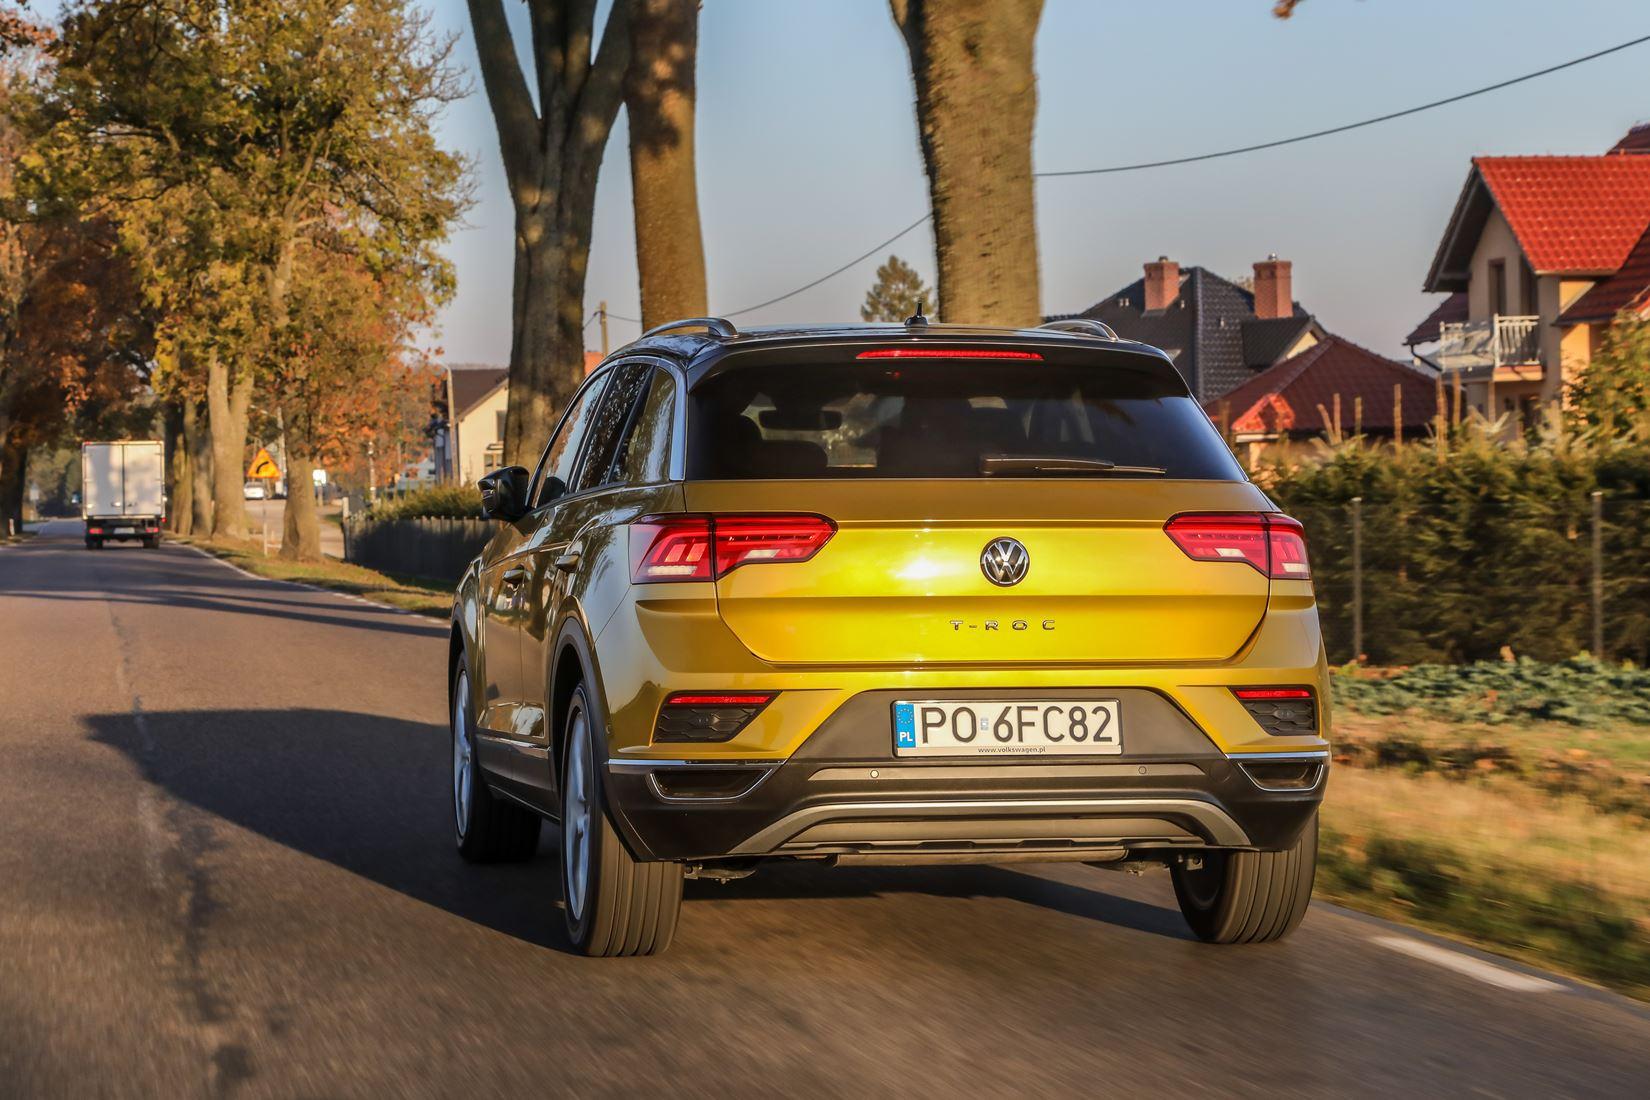 VW Ekorajd